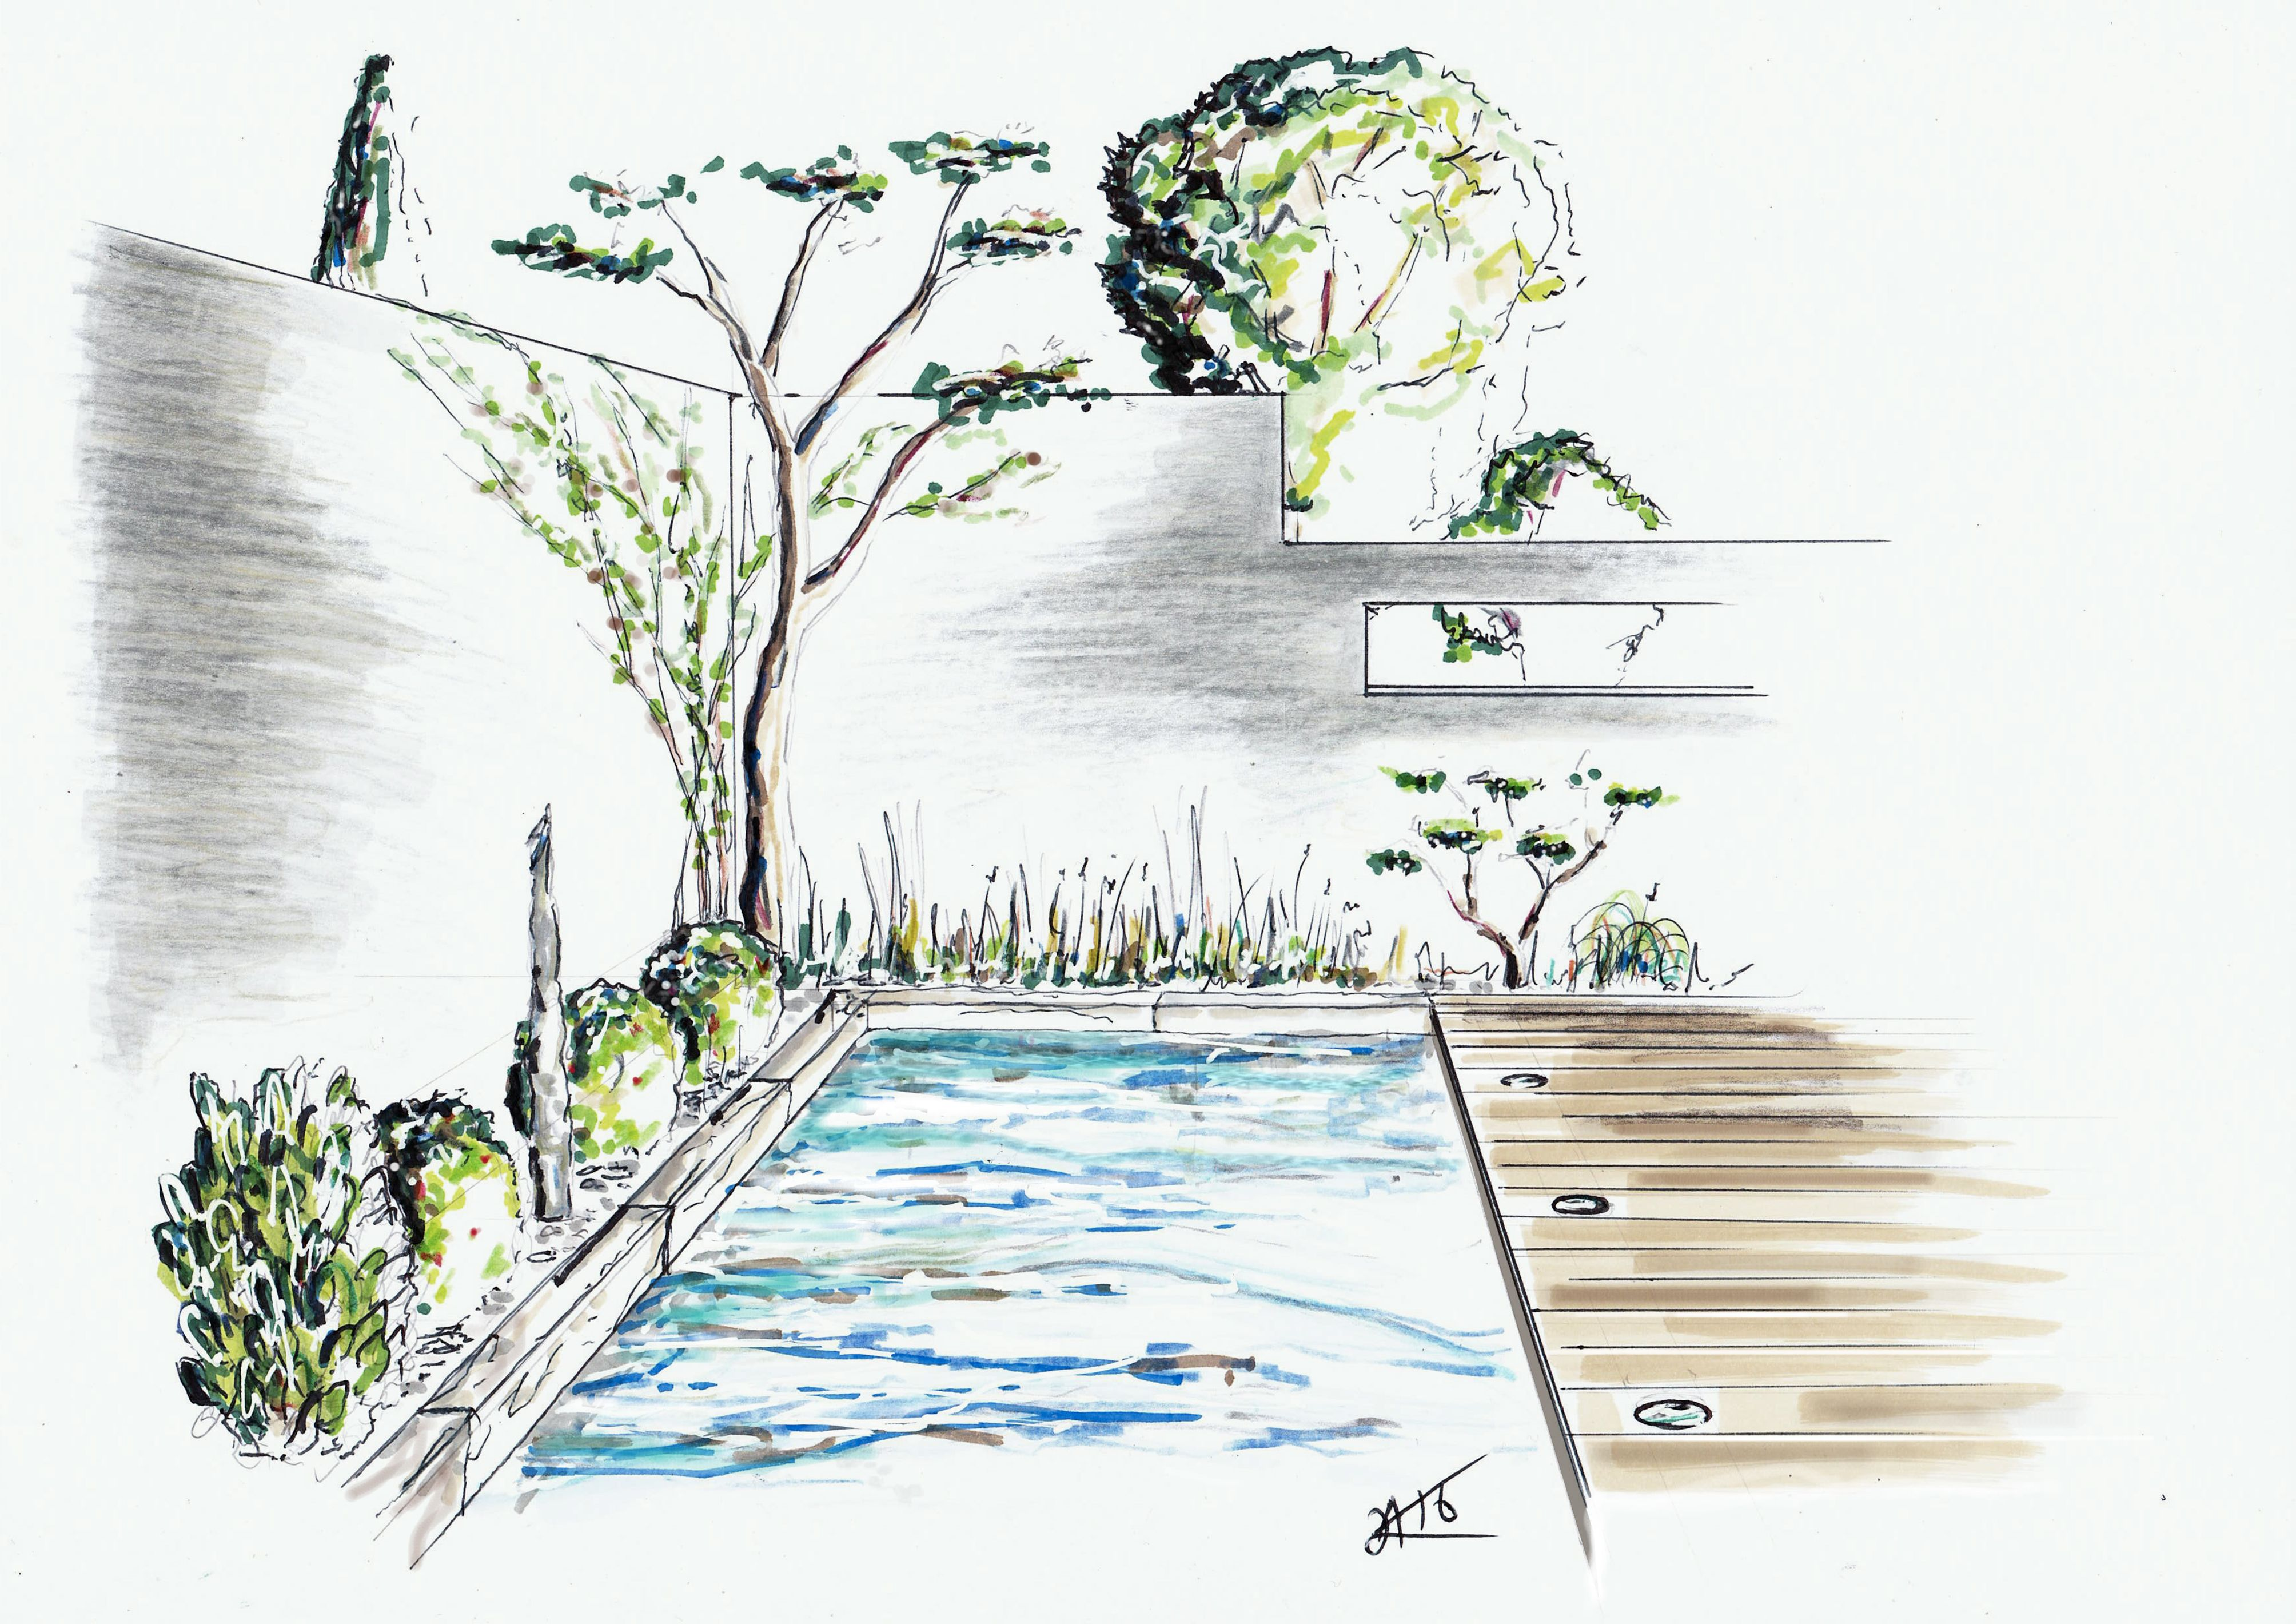 Dessin perspective croquis paysage alexandre trubert www for Dessiner jardin en ligne